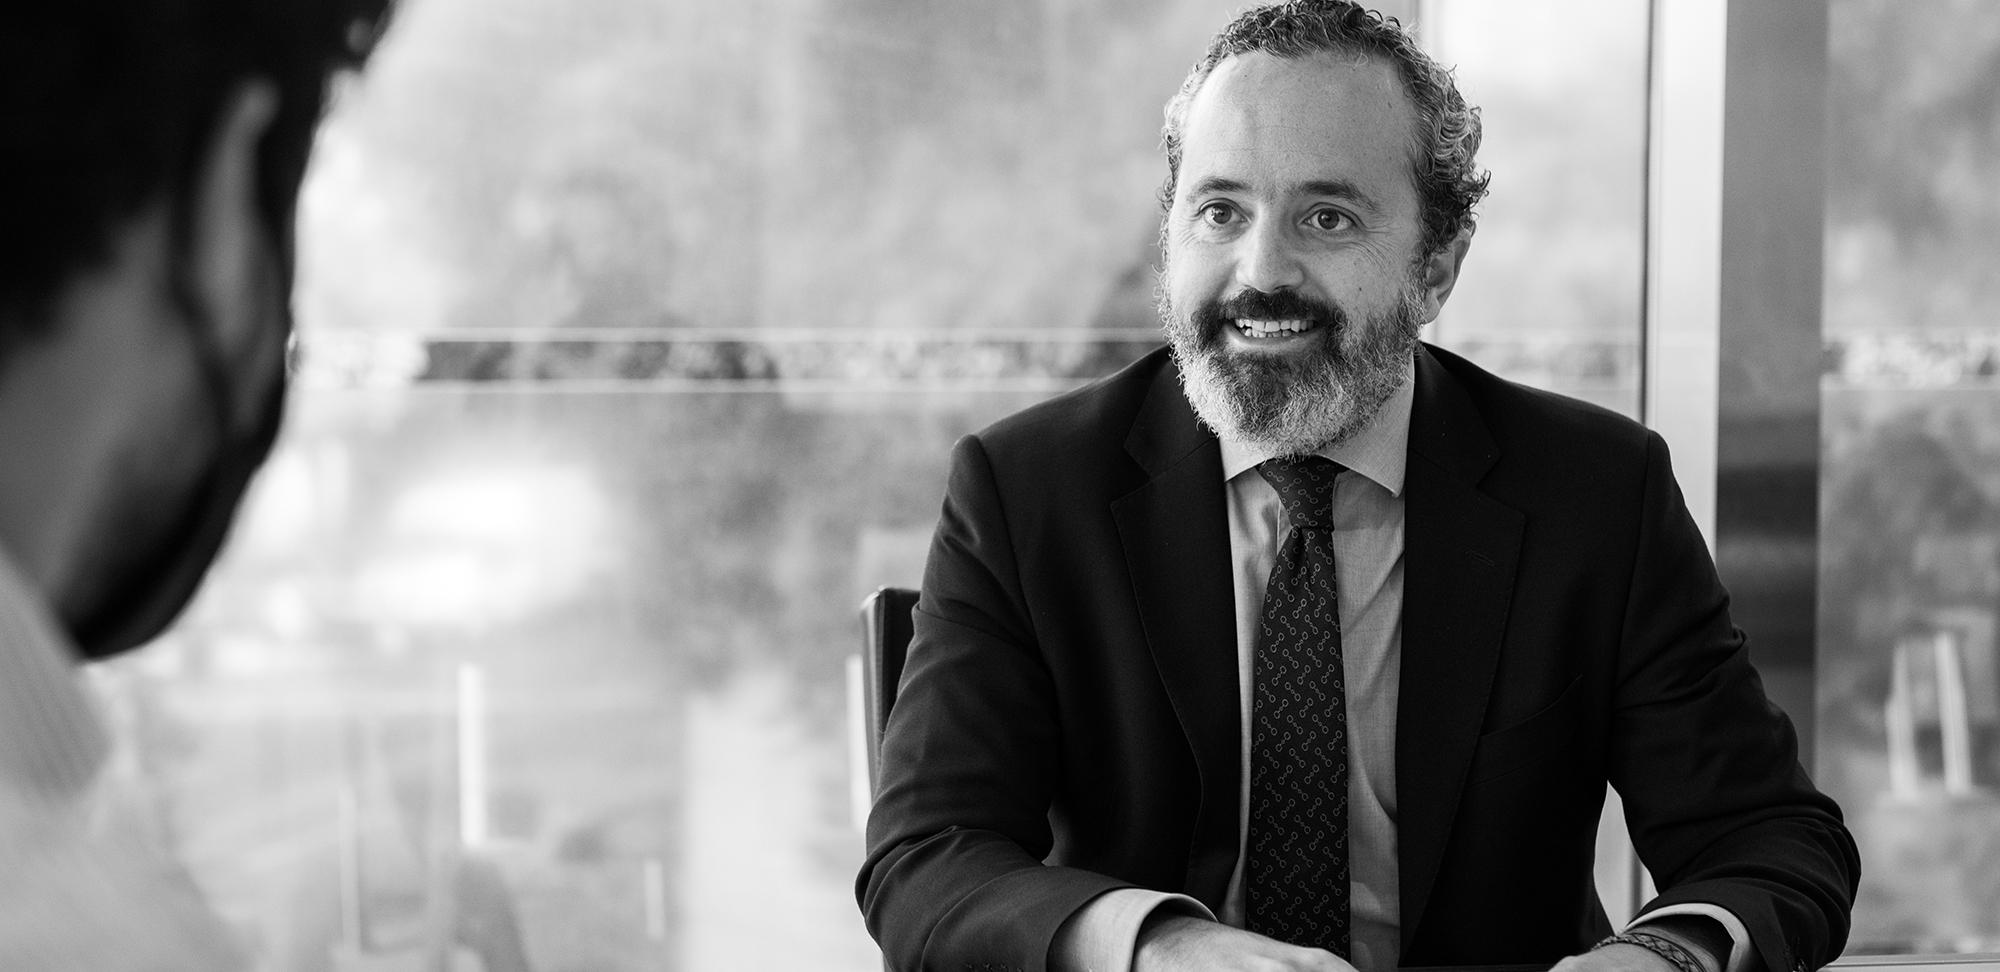 José Ramón Vizcaíno